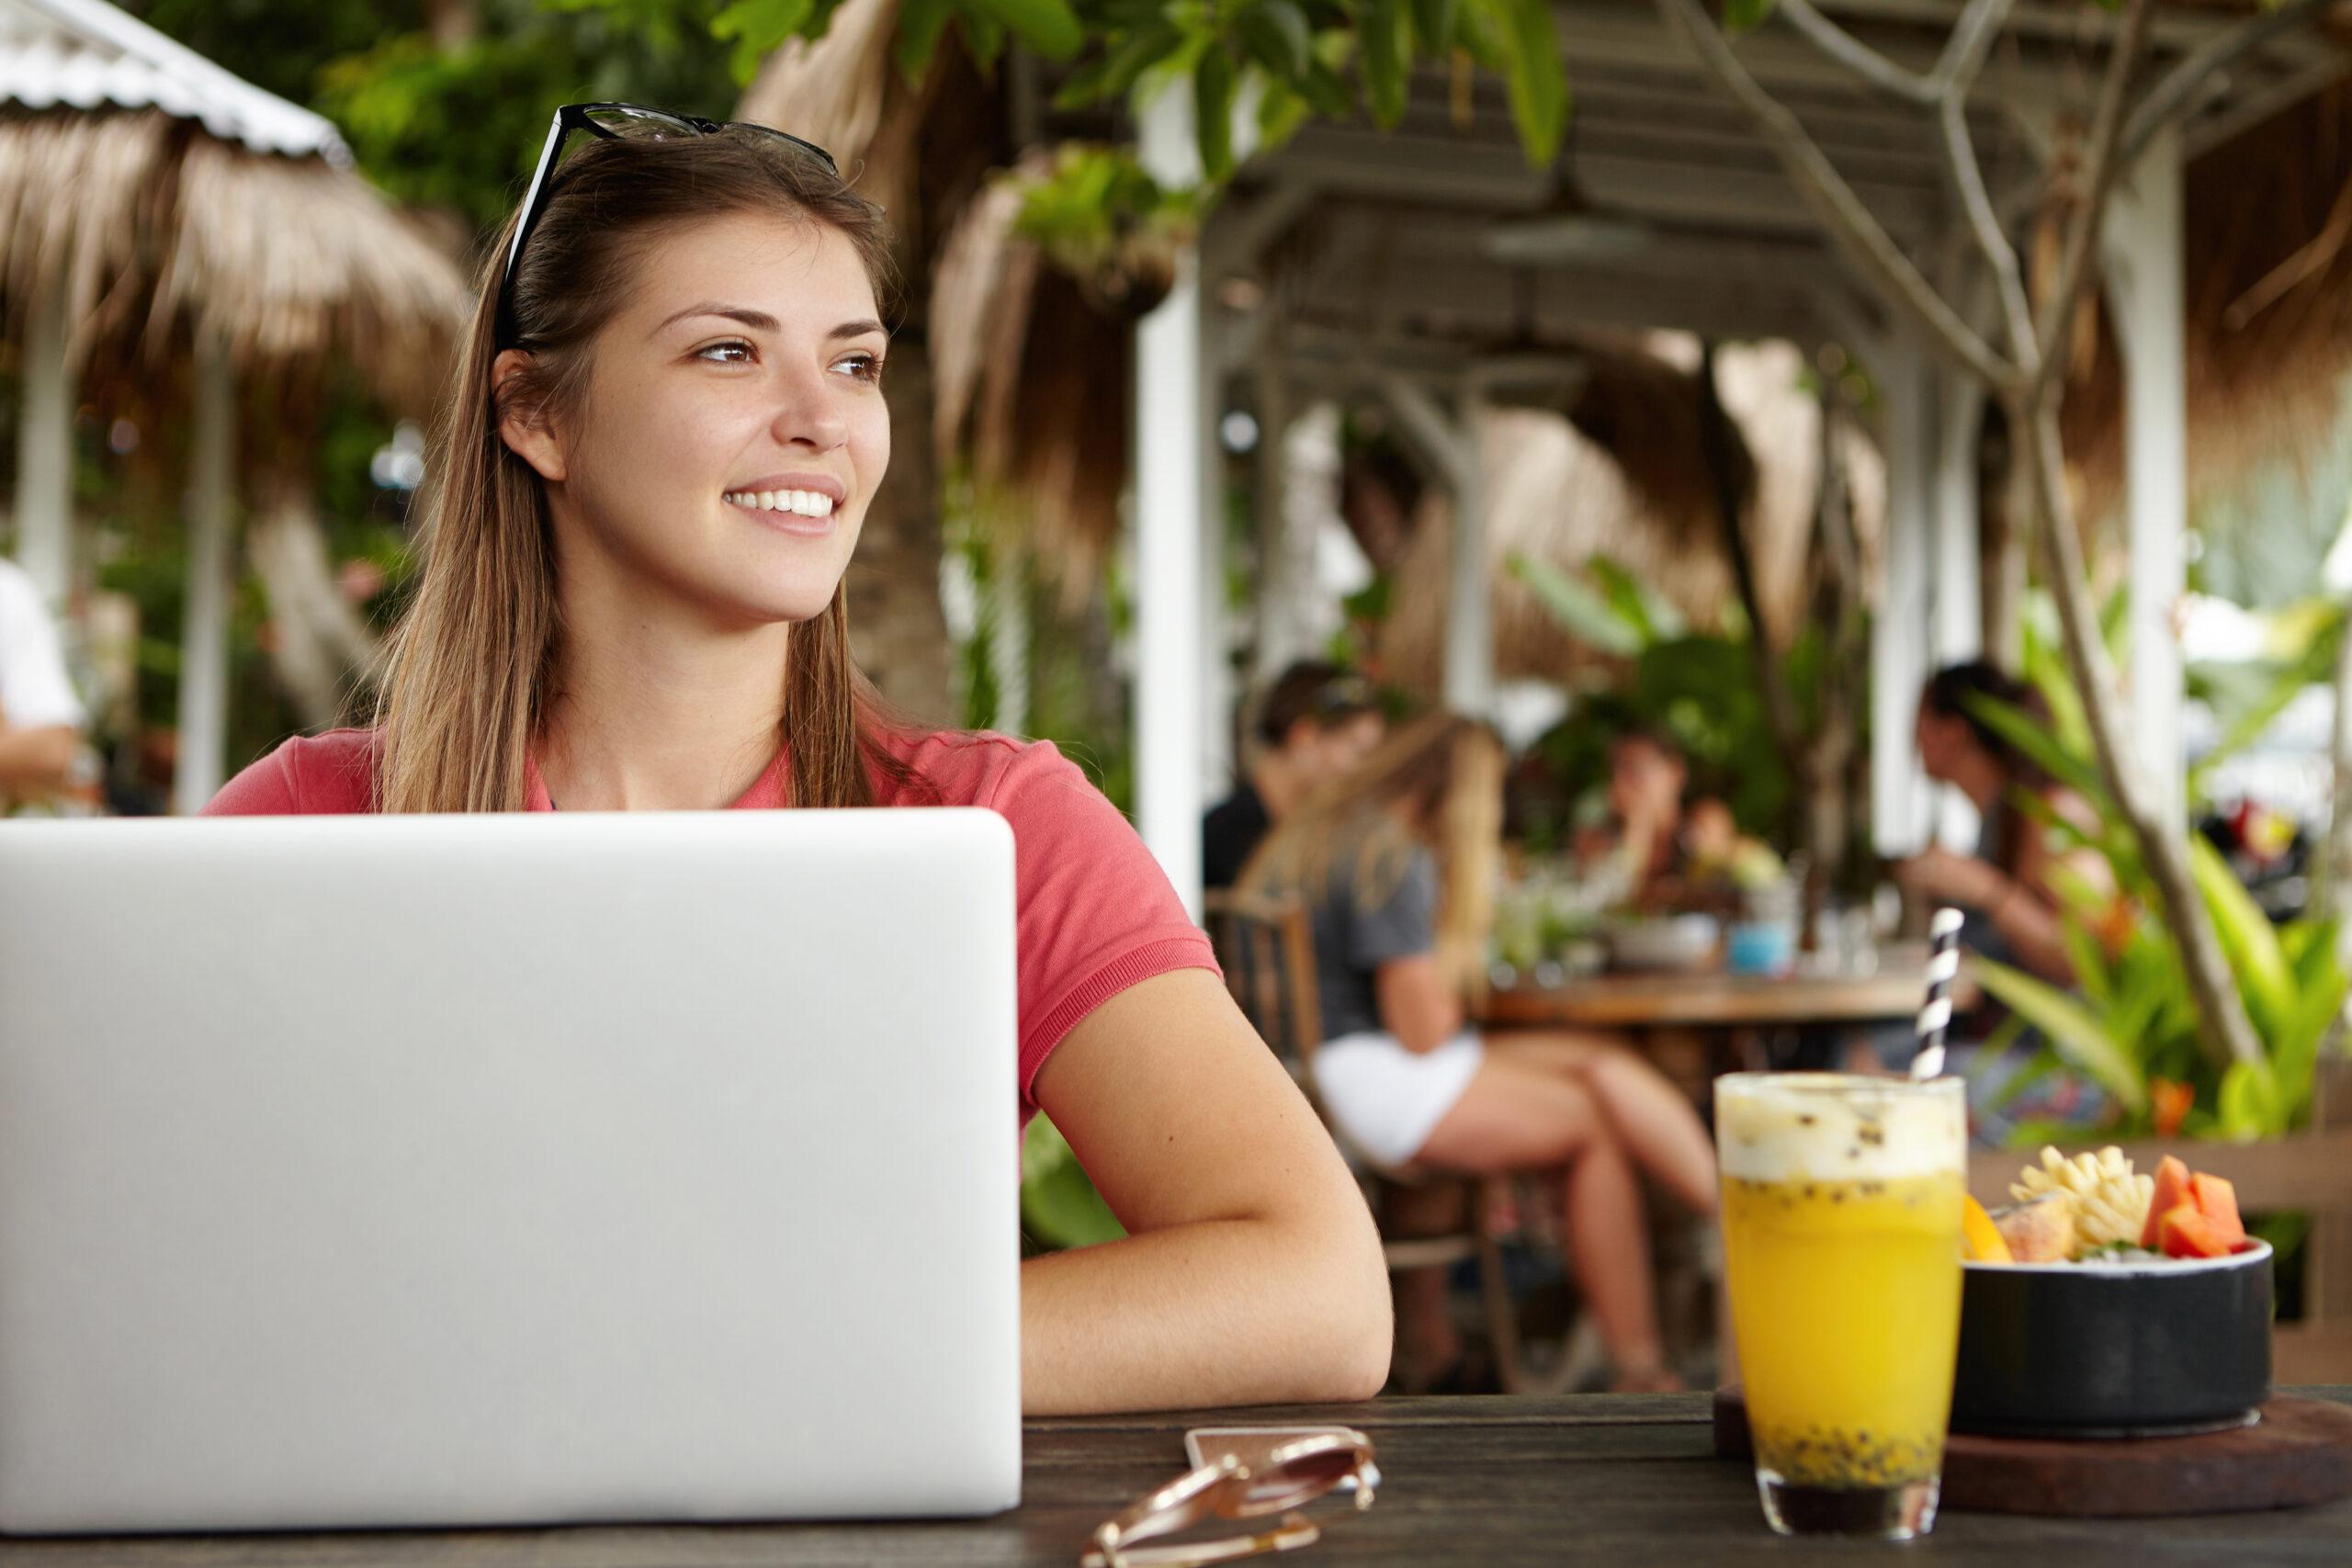 Une femme freelance aux cheveux longs travaillant à distance sur un ordinateur portable moderne, utilisant le wi fi gratuit pendant le petit-déjeuner dans un café, assise à une table en bois avec un verre de smoothie et des fruits.